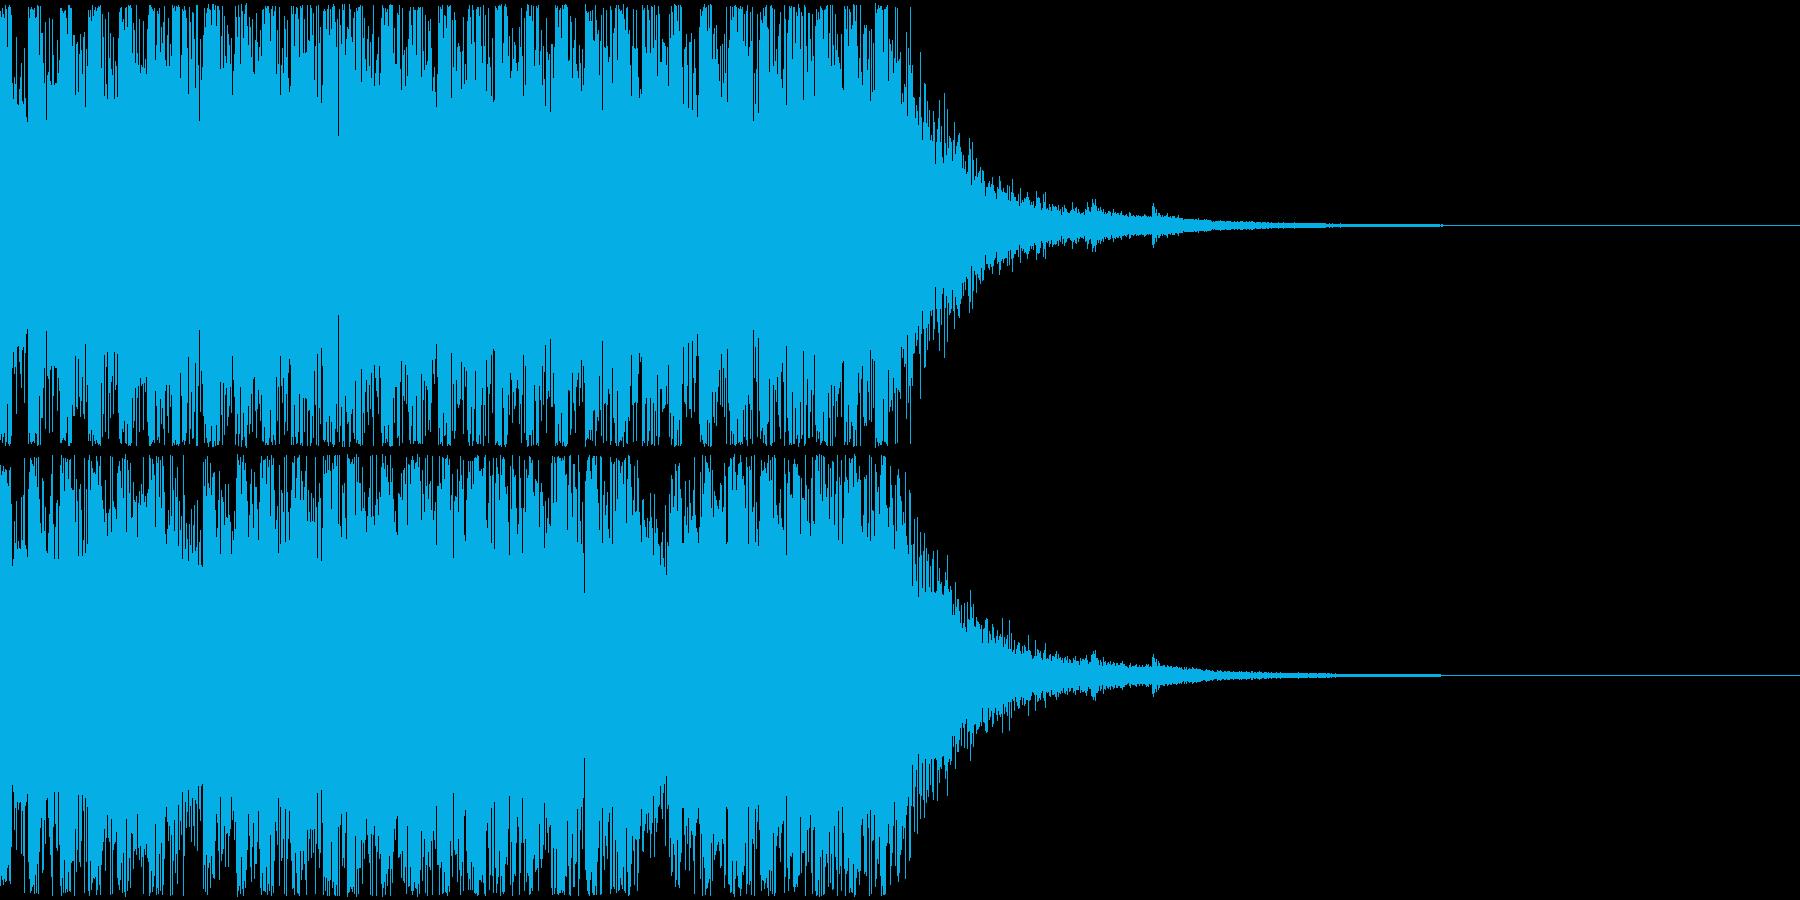 軽い発砲音の連写(マガジンの音)の再生済みの波形